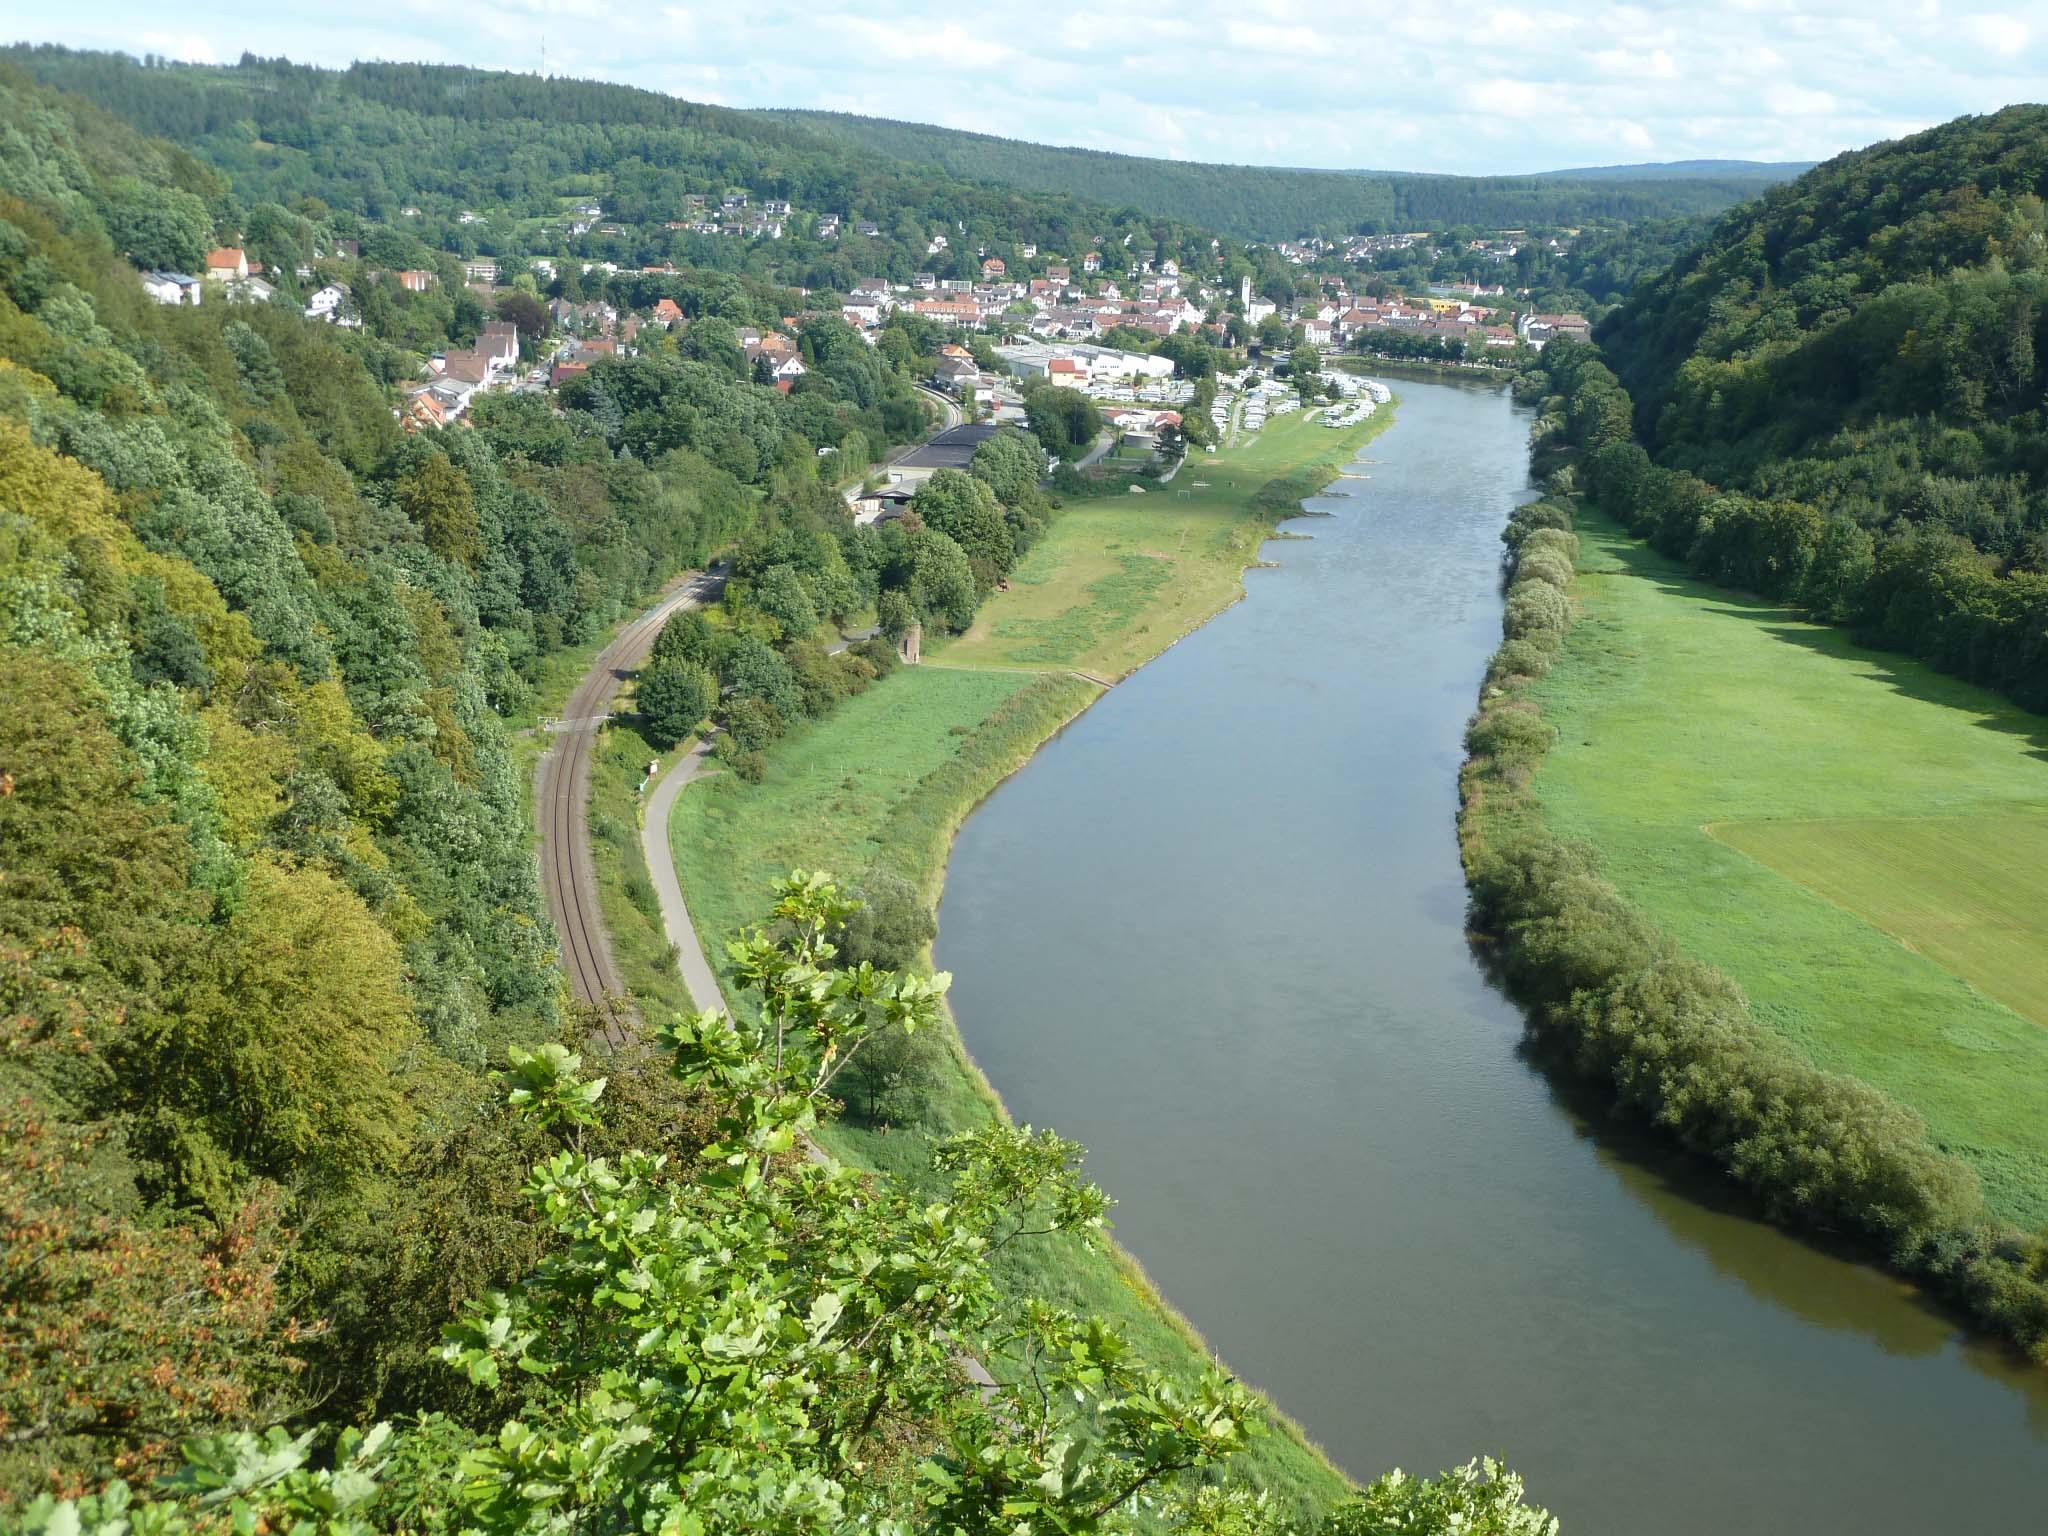 Blick vom Weser Skywalk Beverungen. Bild Schackers